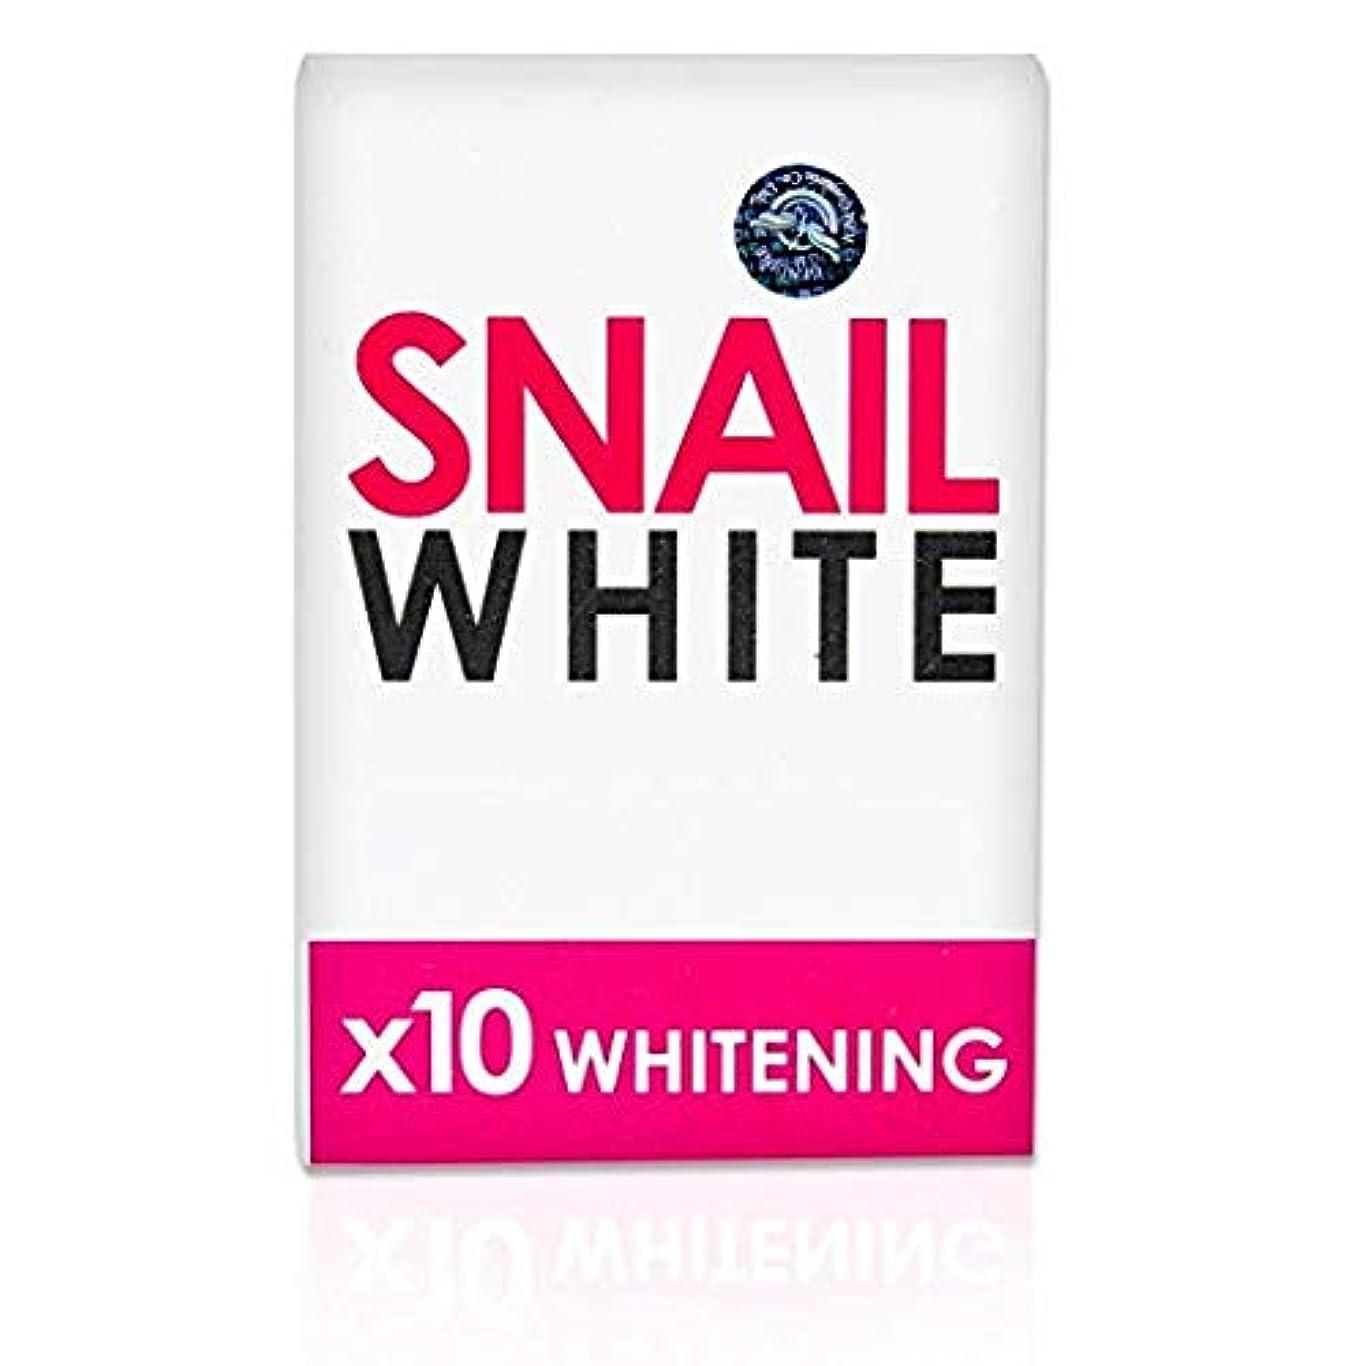 ソブリケット気楽なアピールスネイルホワイト Gluta Snail White x10 Whitening by Dream ホワイトニング 固形石鹸 2個